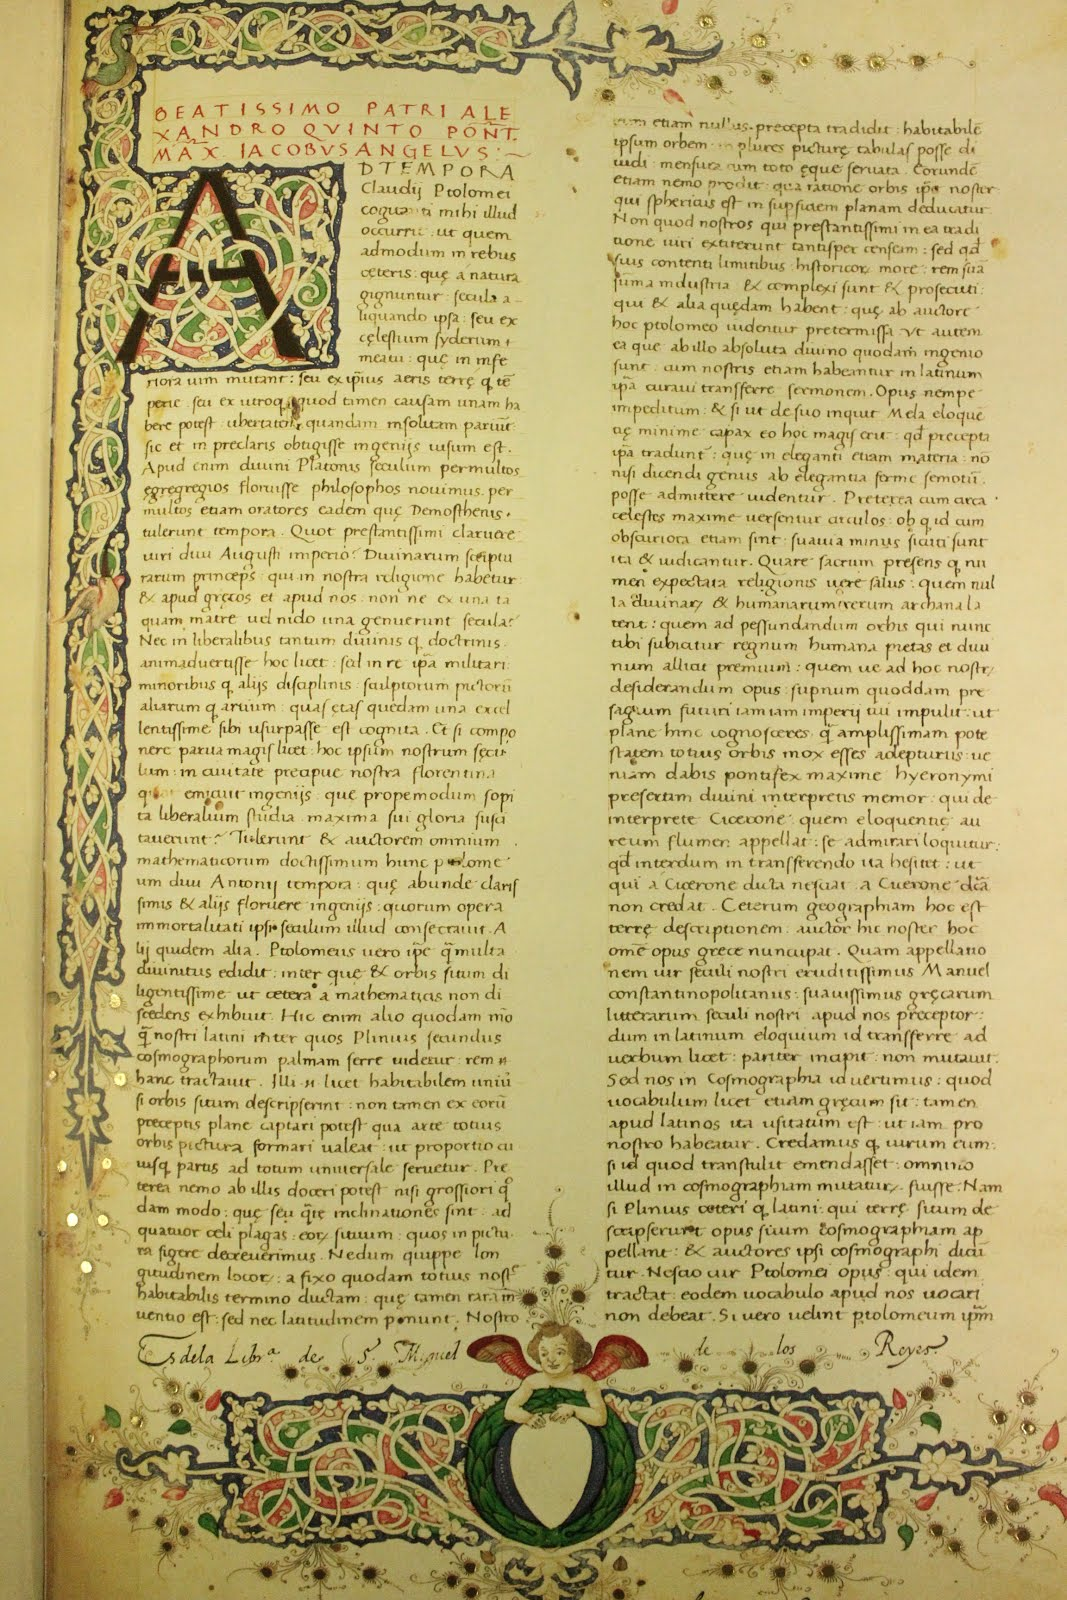 Fotografía de una página del libro Atlas de Ptolomeo